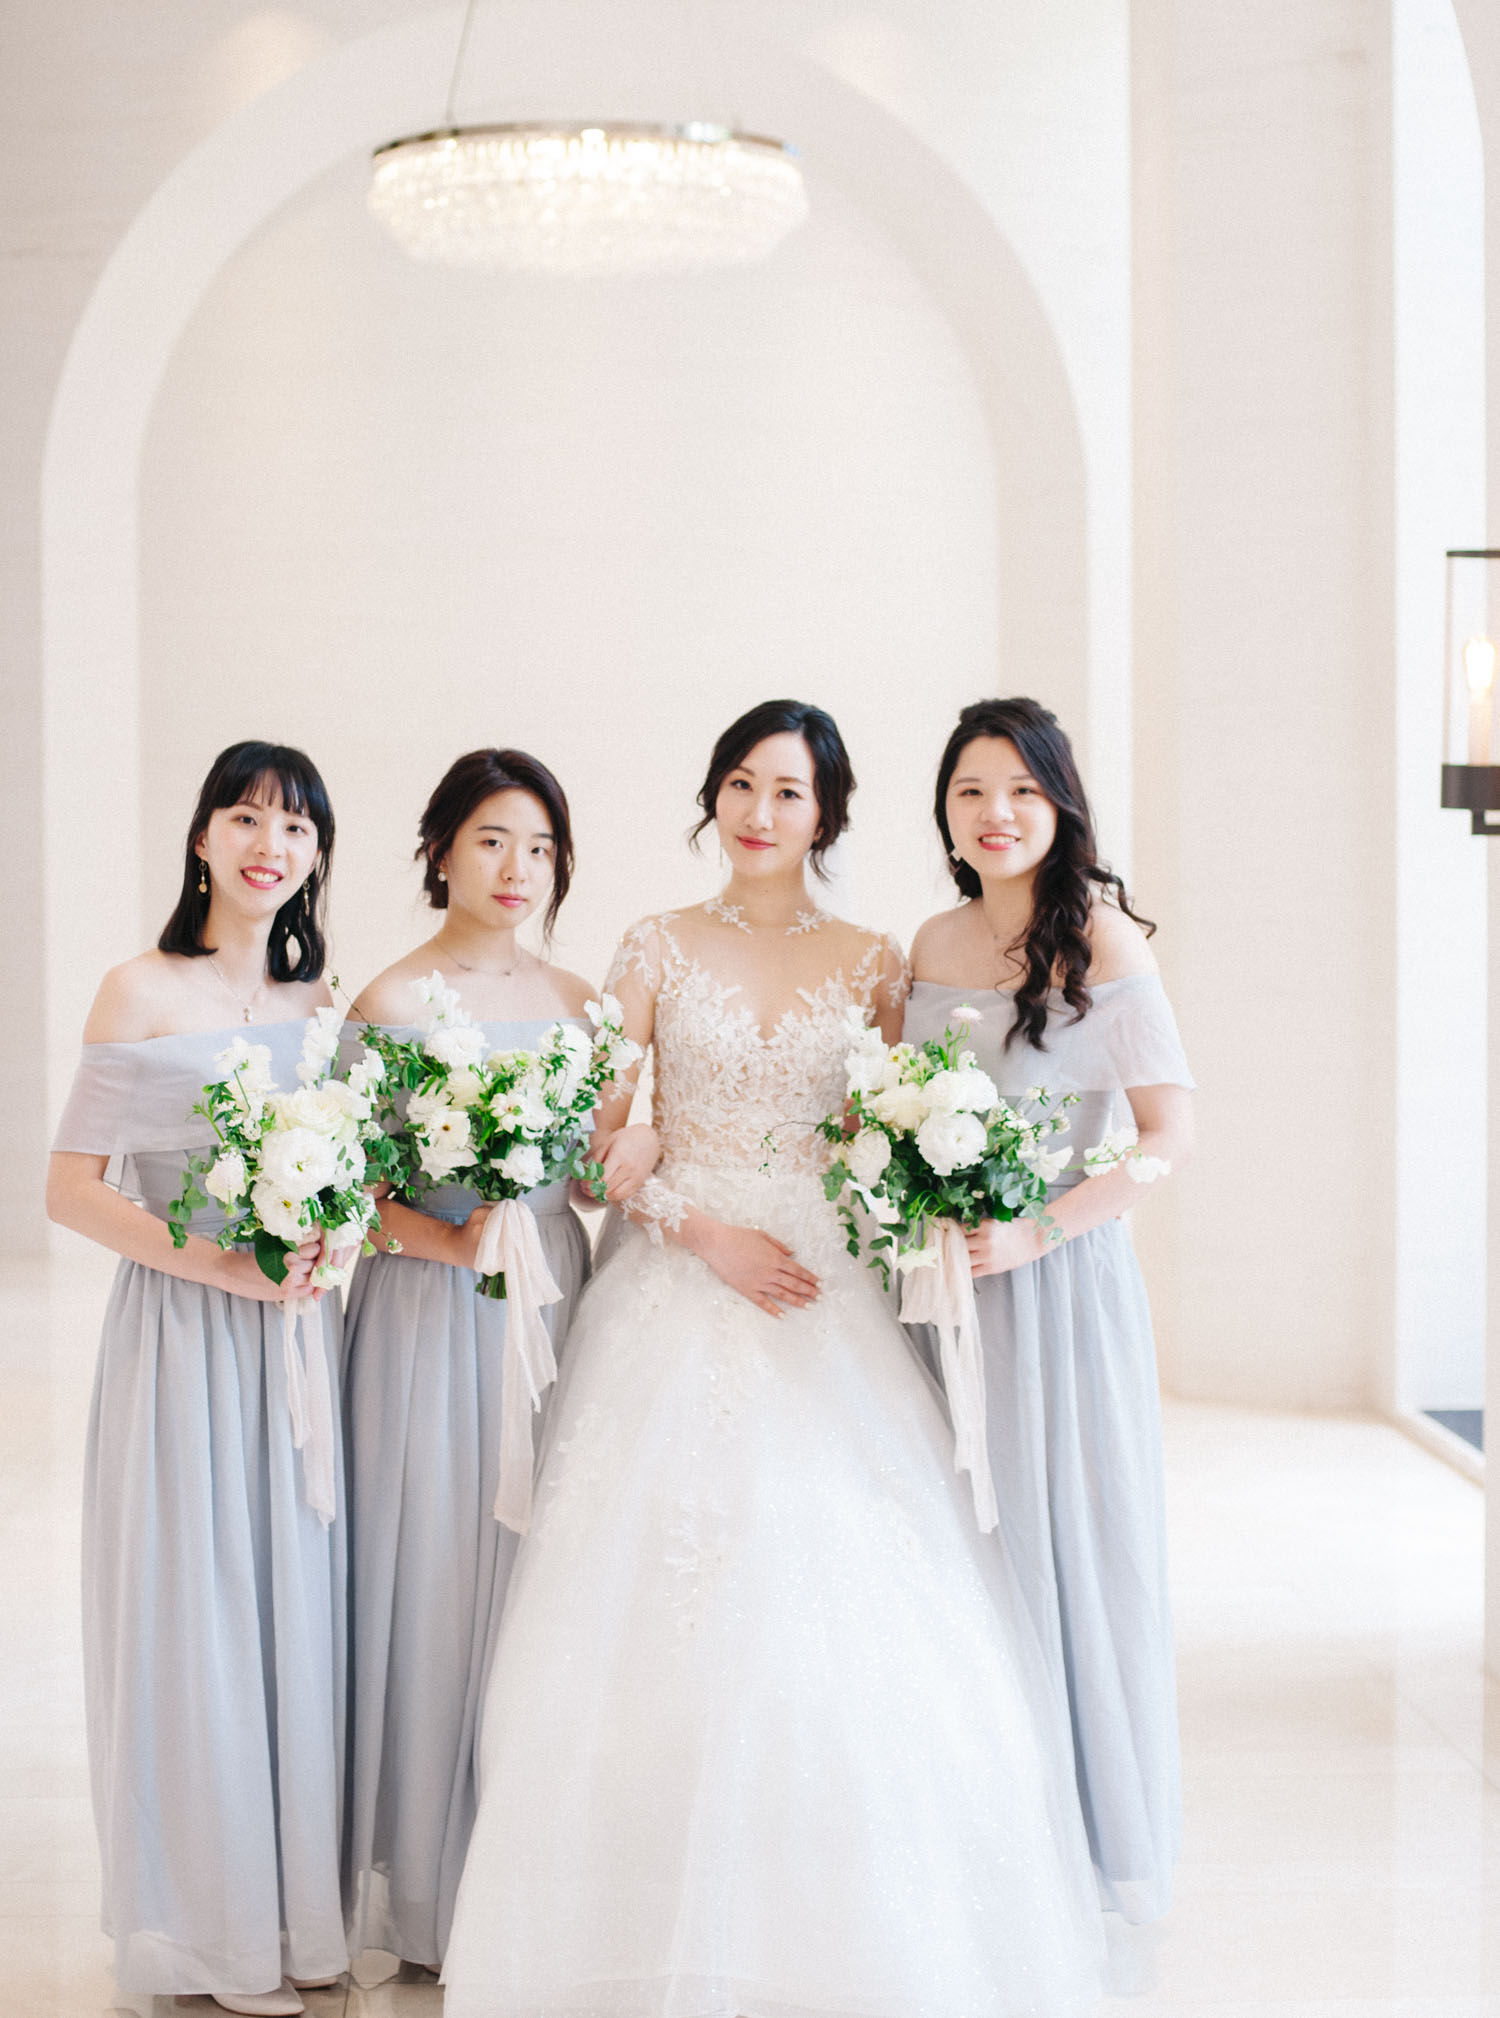 台北 萬豪酒店婚禮-婚禮-婚攝-Mark Hong-STAGE